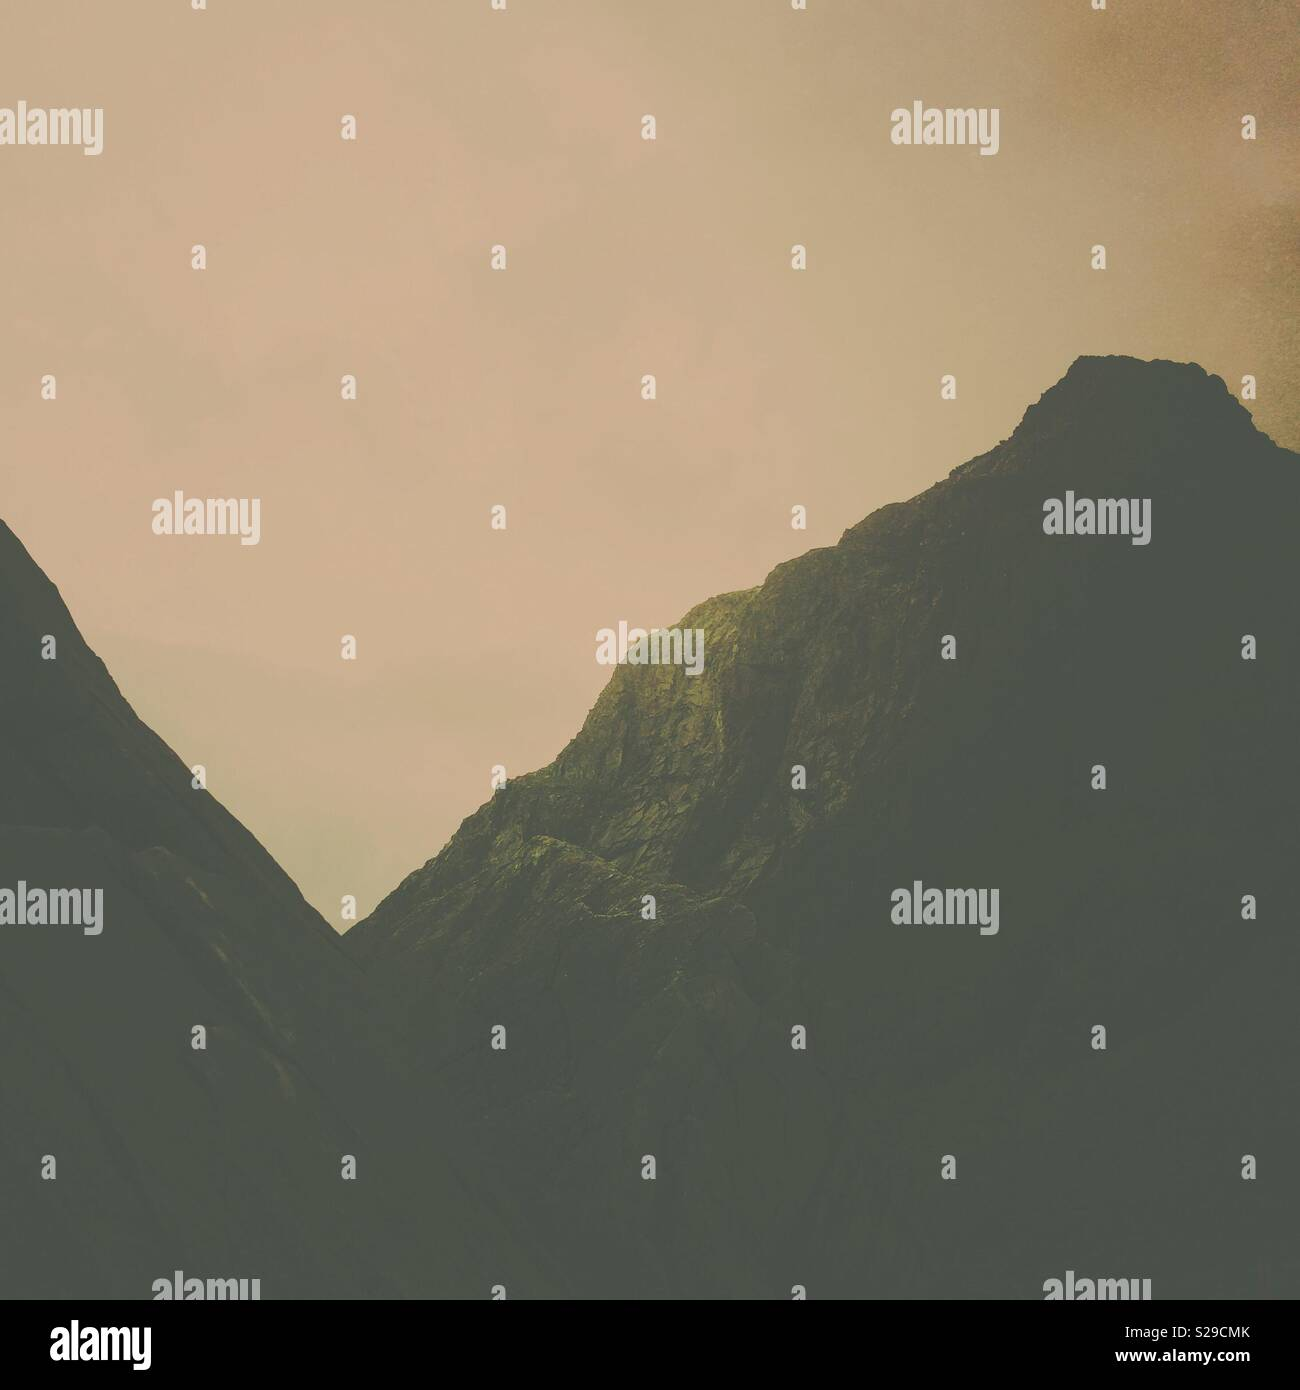 Minimale abstrakte Berglandschaft detail Stockbild